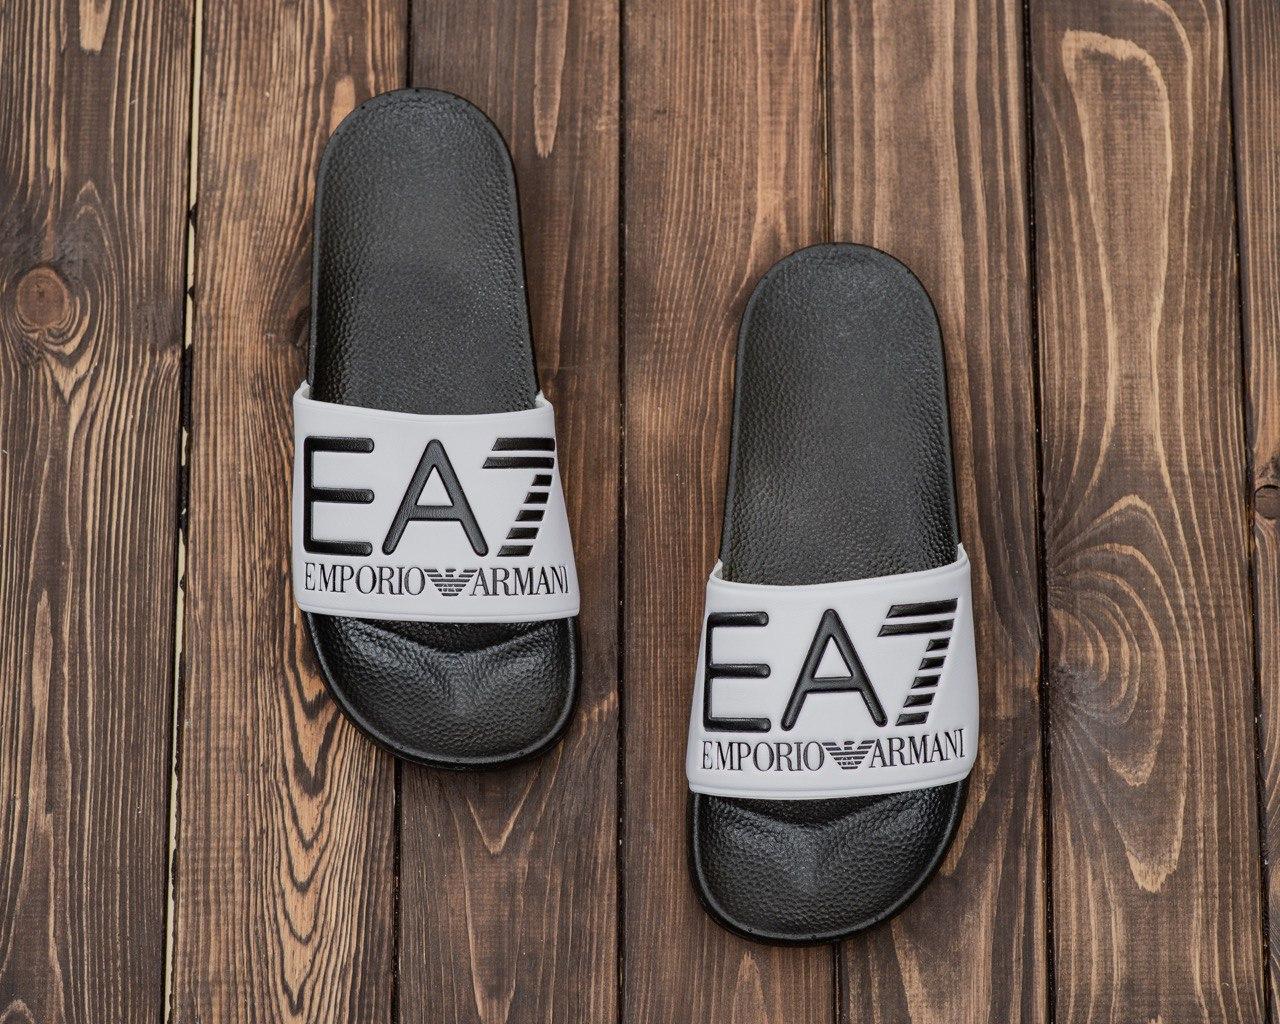 Чоловічі літні шльопанці сірого кольору ЕА7 Емпоріо Армані